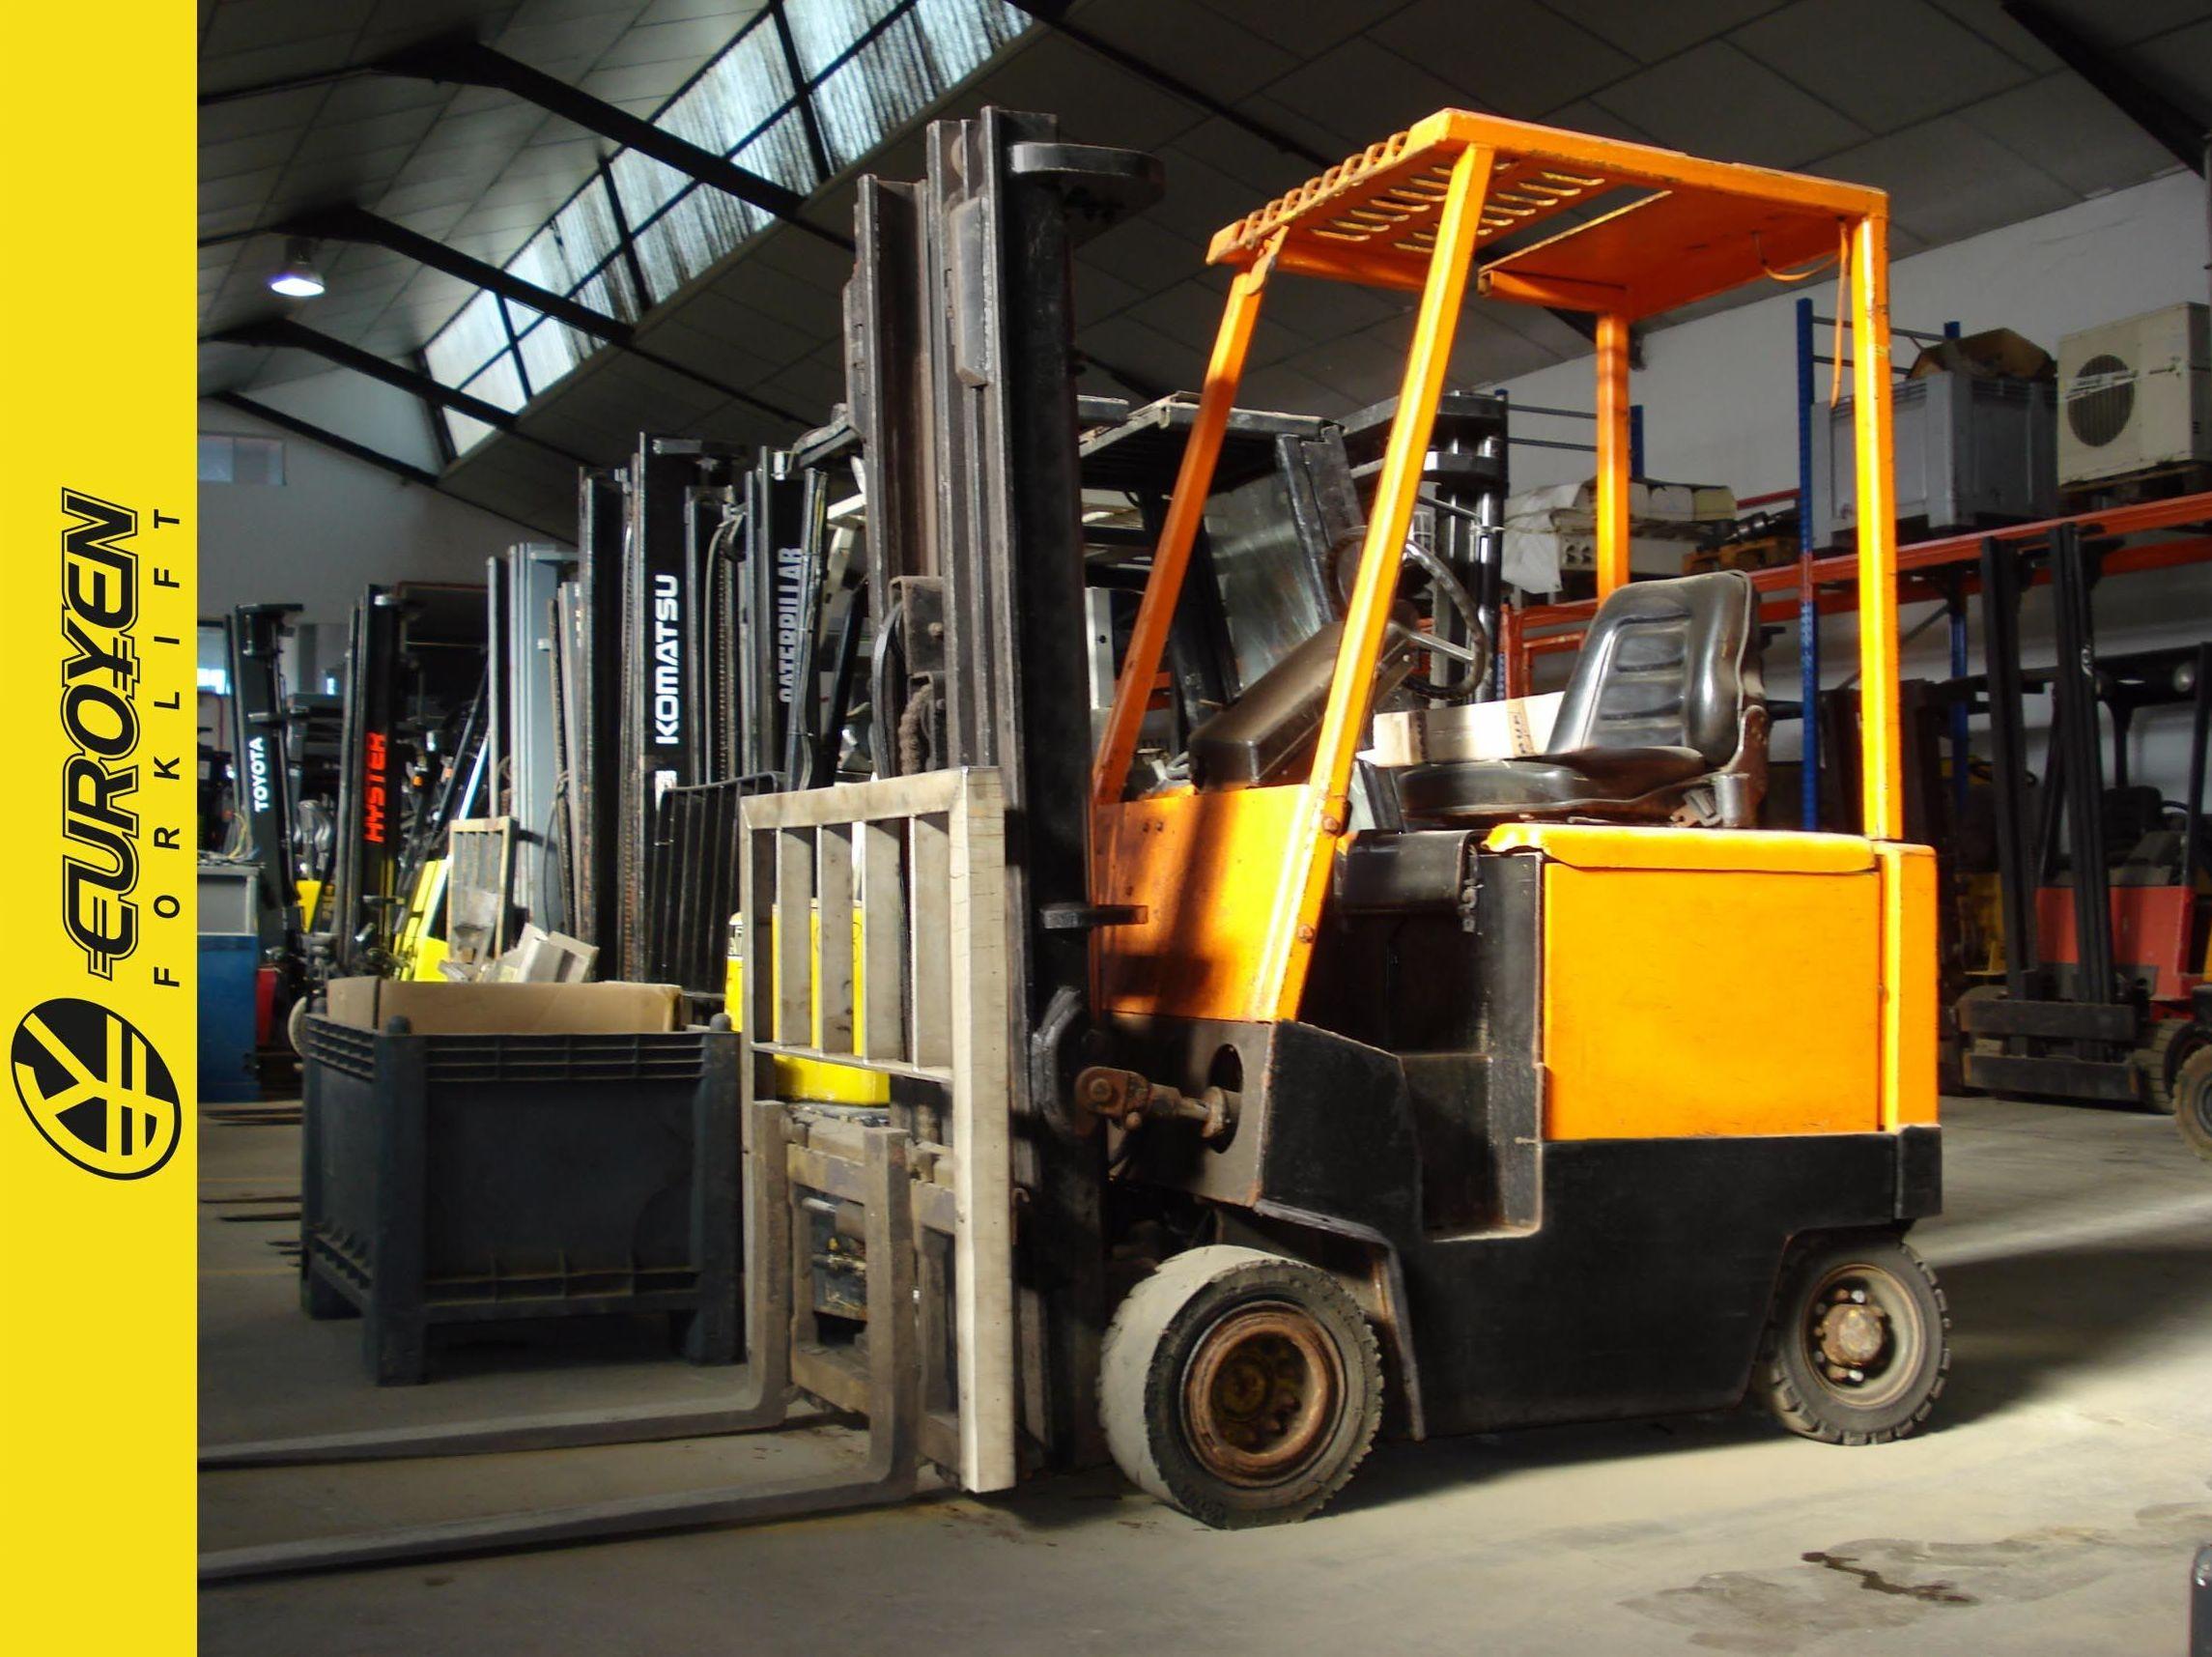 Carretilla eléctrica HYSTER Nº 6140: Productos y servicios de Comercial Euroyen, S. L.